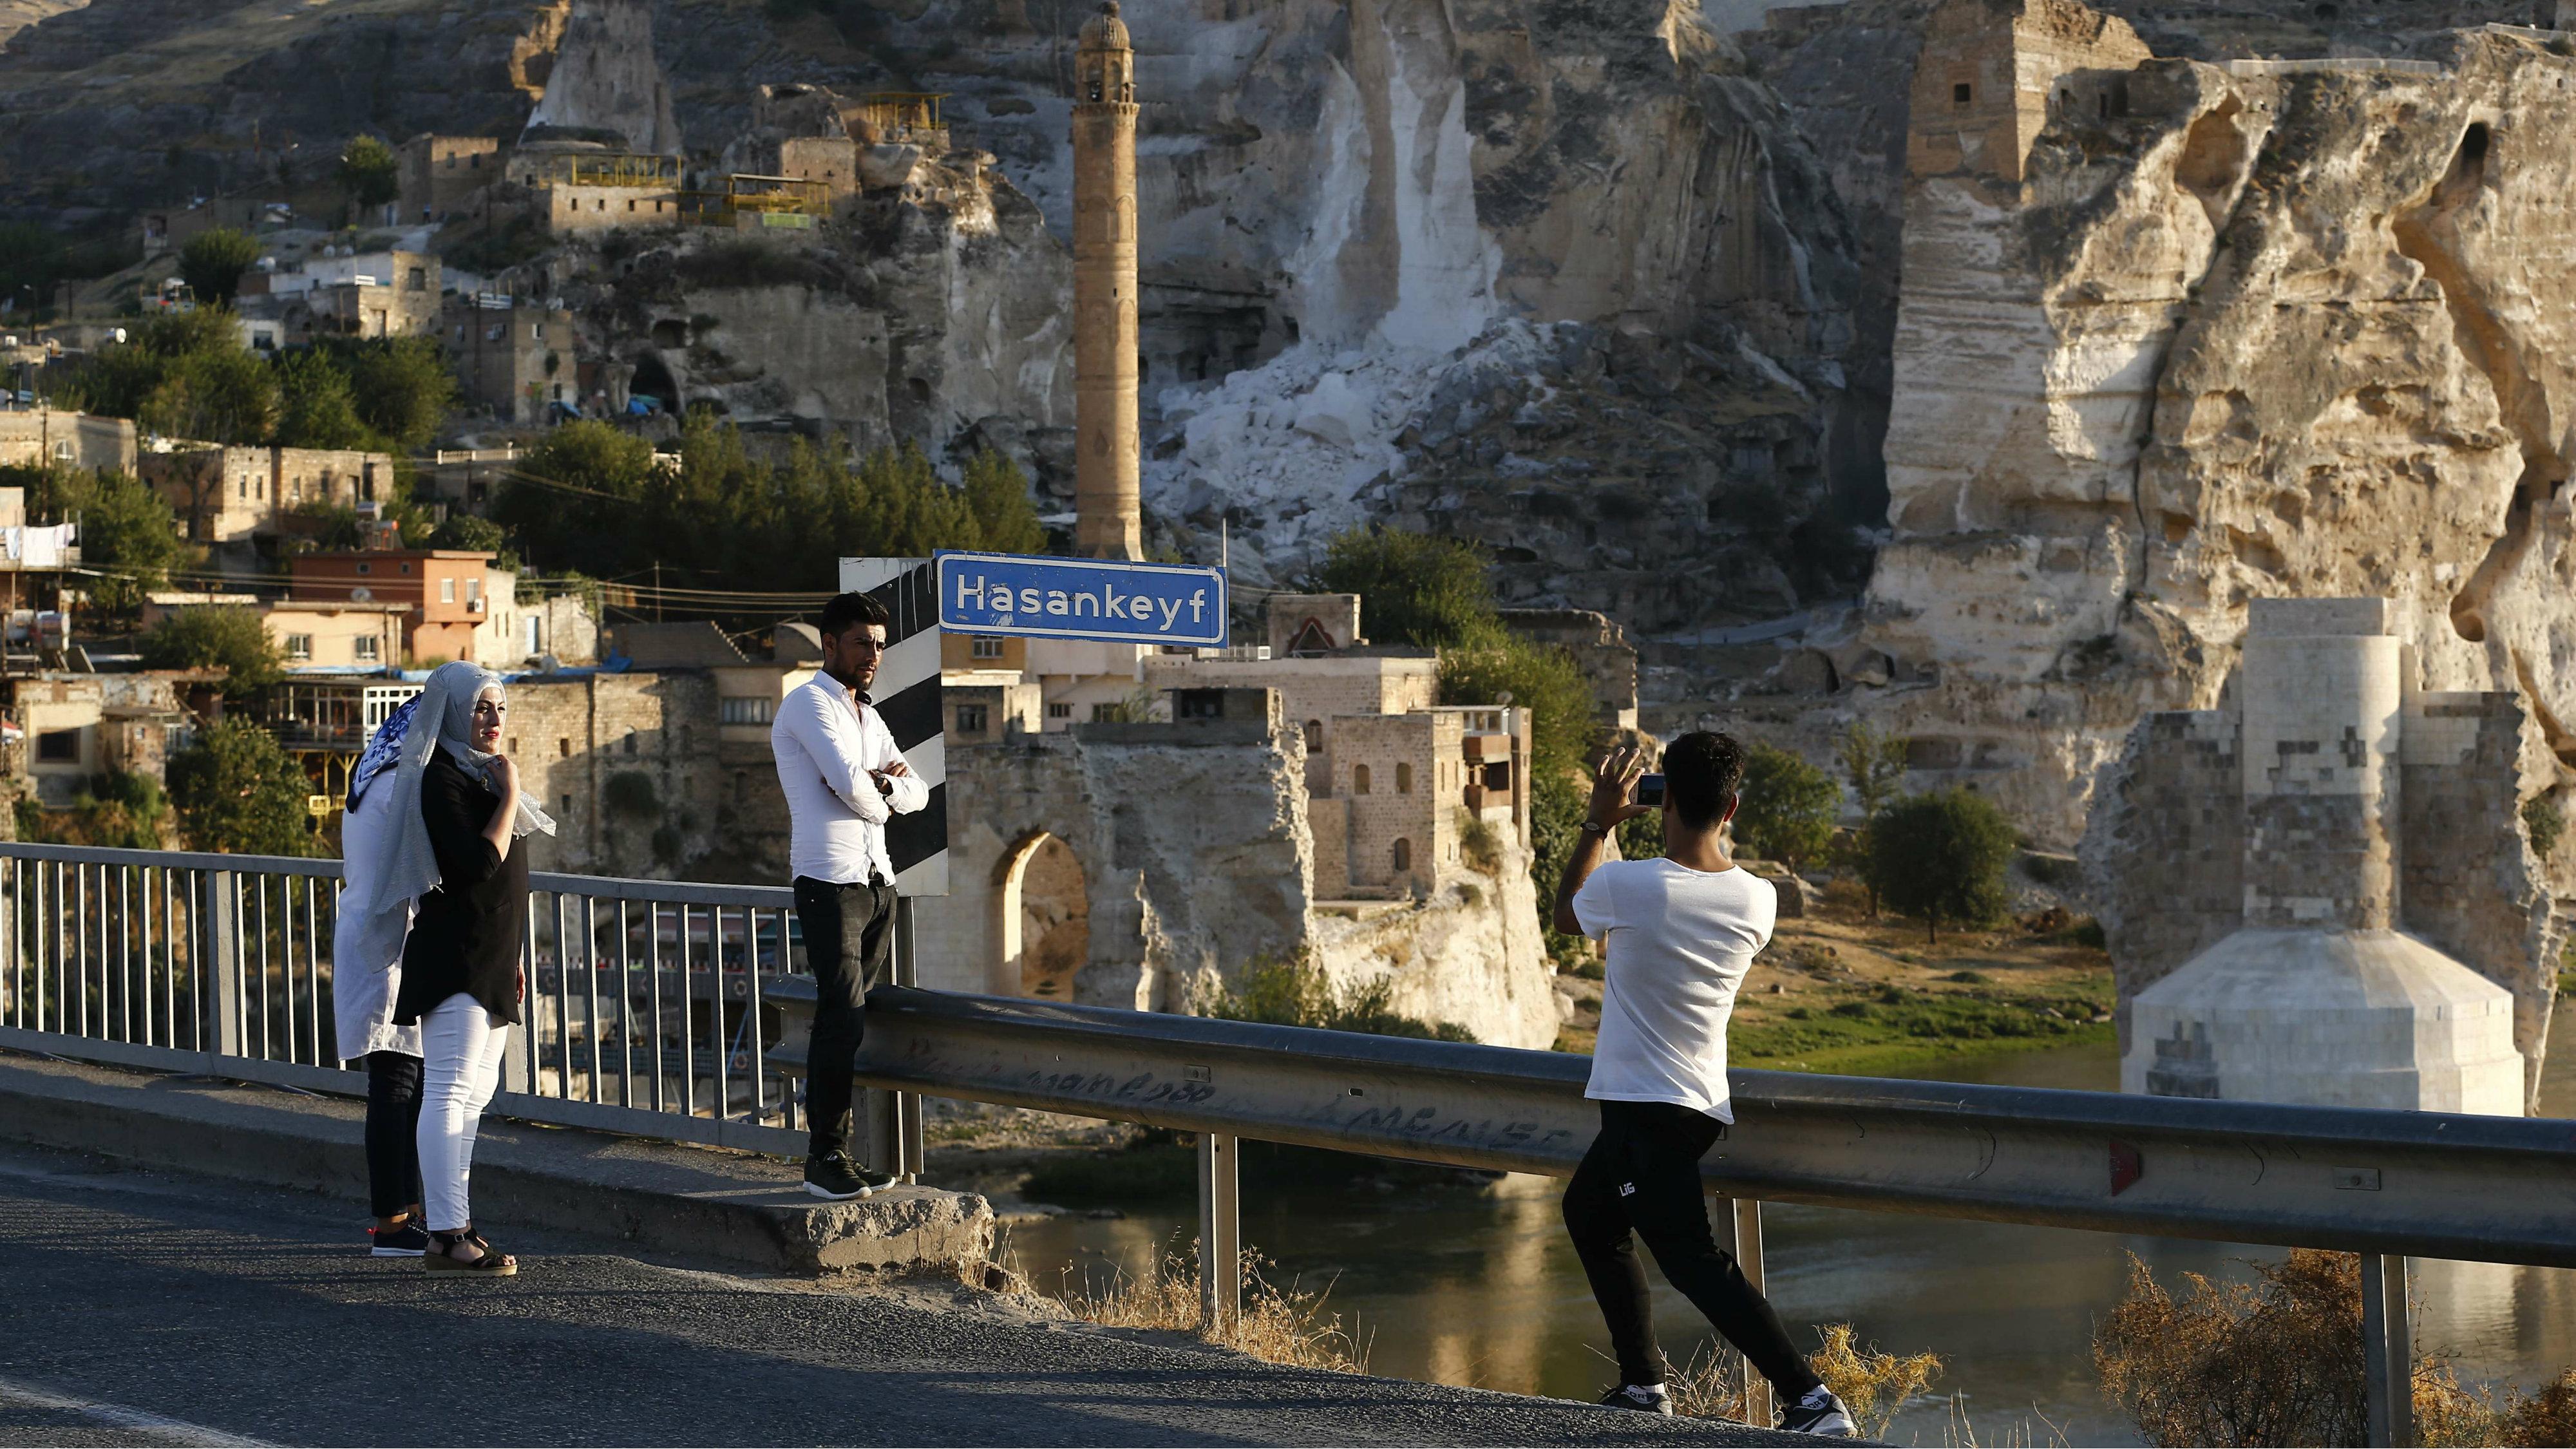 Zašto drevni grad Hasankejf u Turskoj odbrojava dane do nestanka? 6